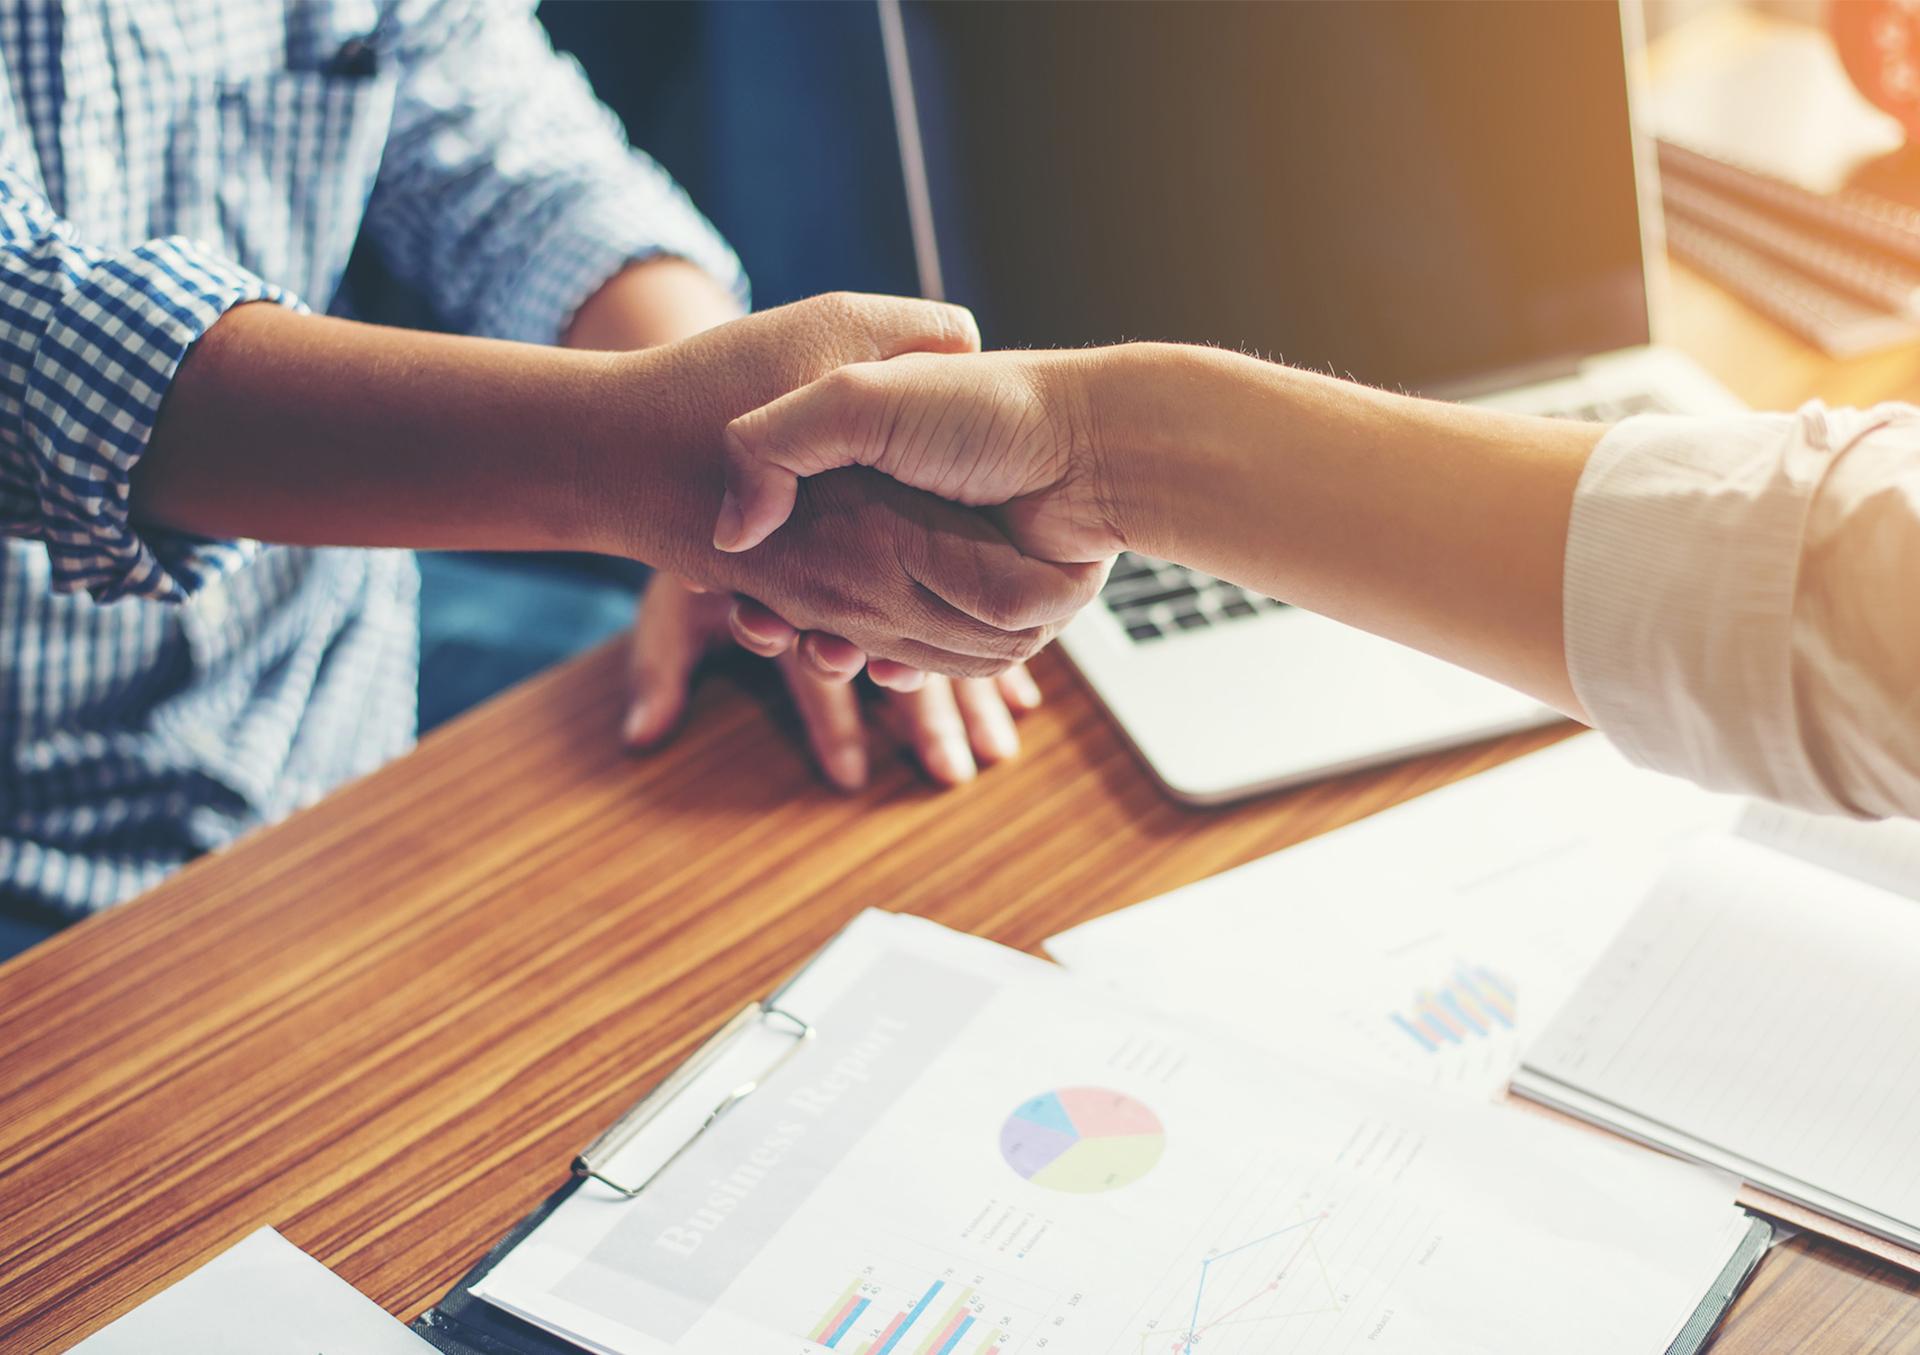 CFOサービス(経営管理改善) 対応事例